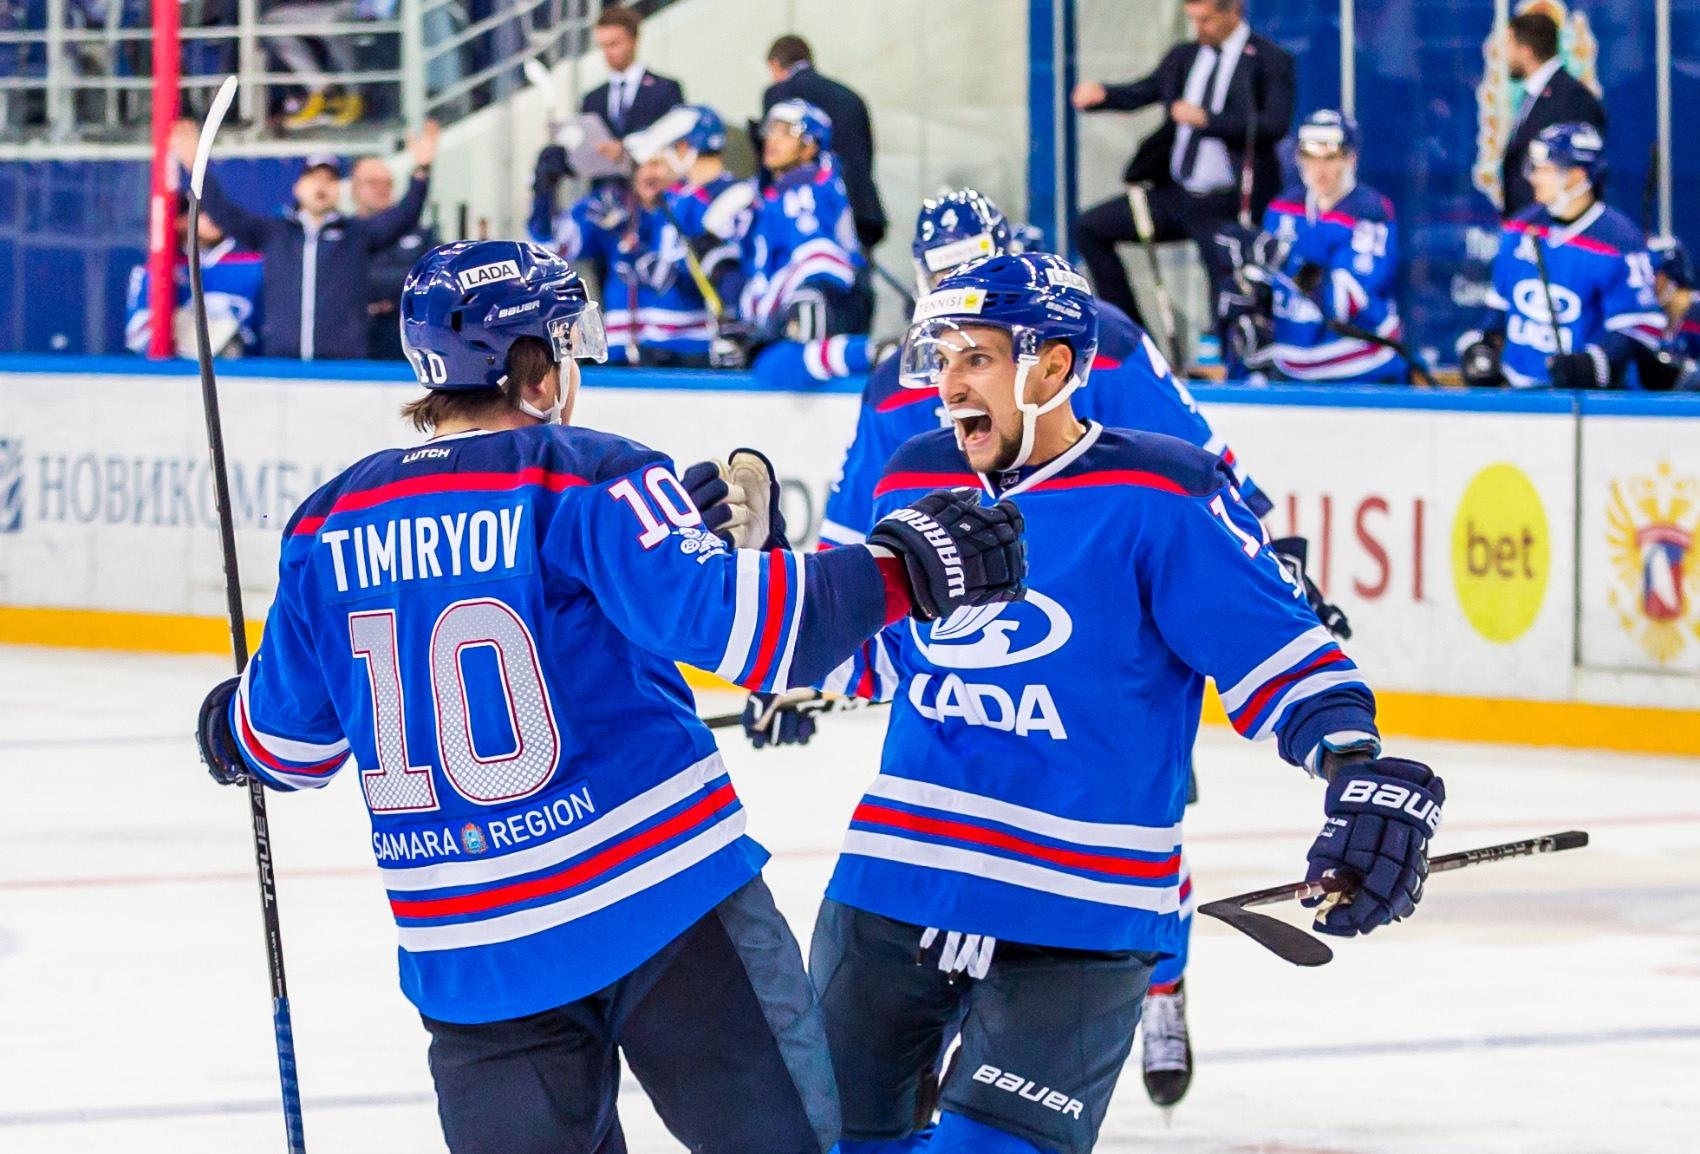 Хоккейная «Лада» гарантировала себе место в плей-офф